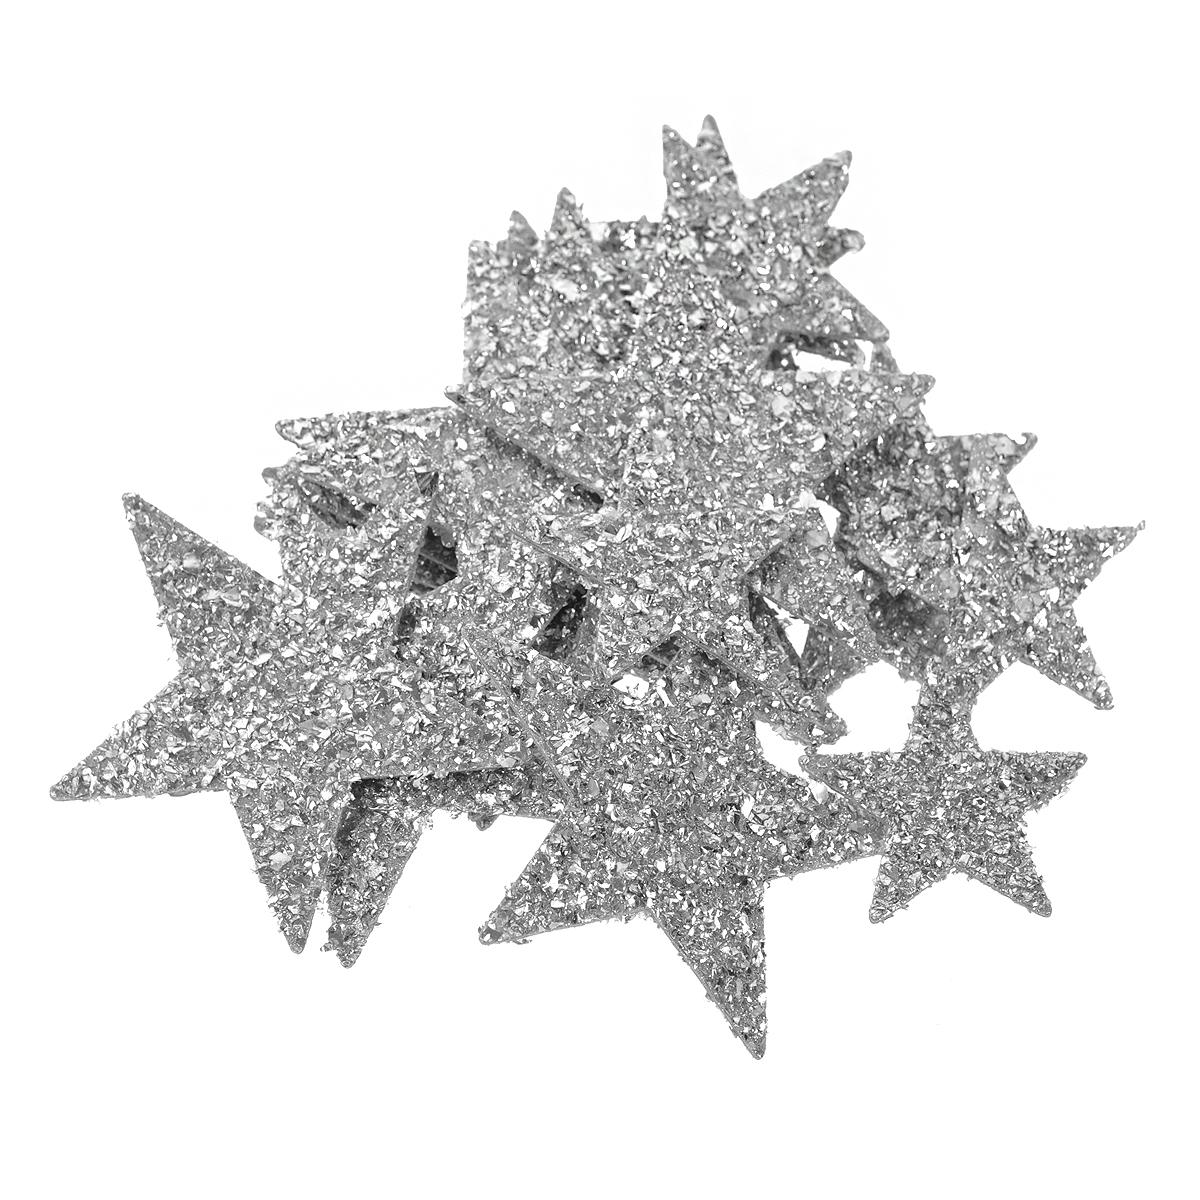 Набор для декорирования Tilda Glittering Silver Stars, 16 шт. 480486480486Набор декоративных звездочек Tilda Glittering Silver Stars выполнен из пластика и блестящей фольги и прекрасно подойдет для оформления творческих работ в технике скрапбукинга и создания оргинальных дизайнерских решений. В набор входят звездочки различных размеров.